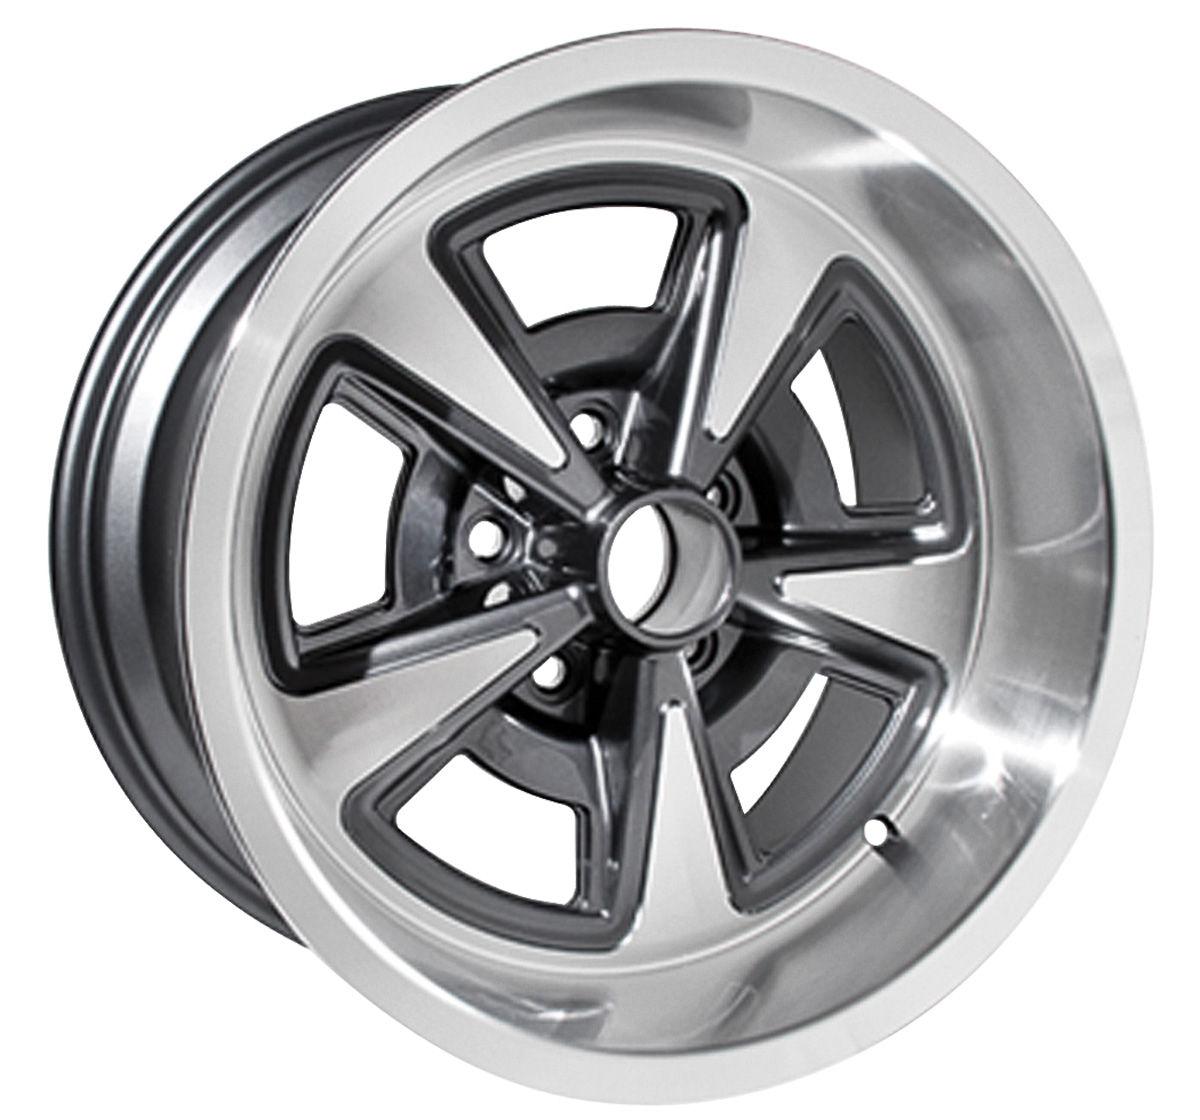 """Rally II Wheel, 1964-73 GTO, Aluminum, 17x9, 5-1/8"""" BS"""